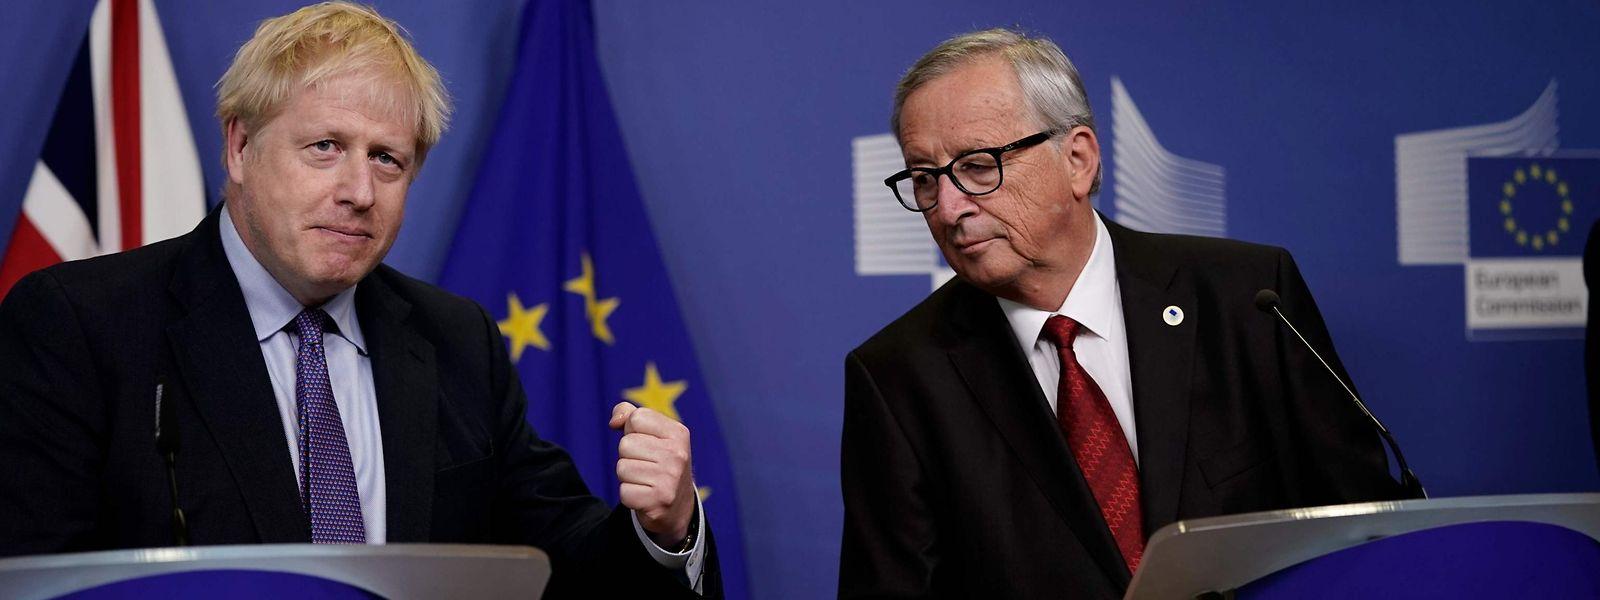 Jean-Claude Juncker und Boris Johnson am Donnerstag bei einer gemeinsamen Pressekonferenz.